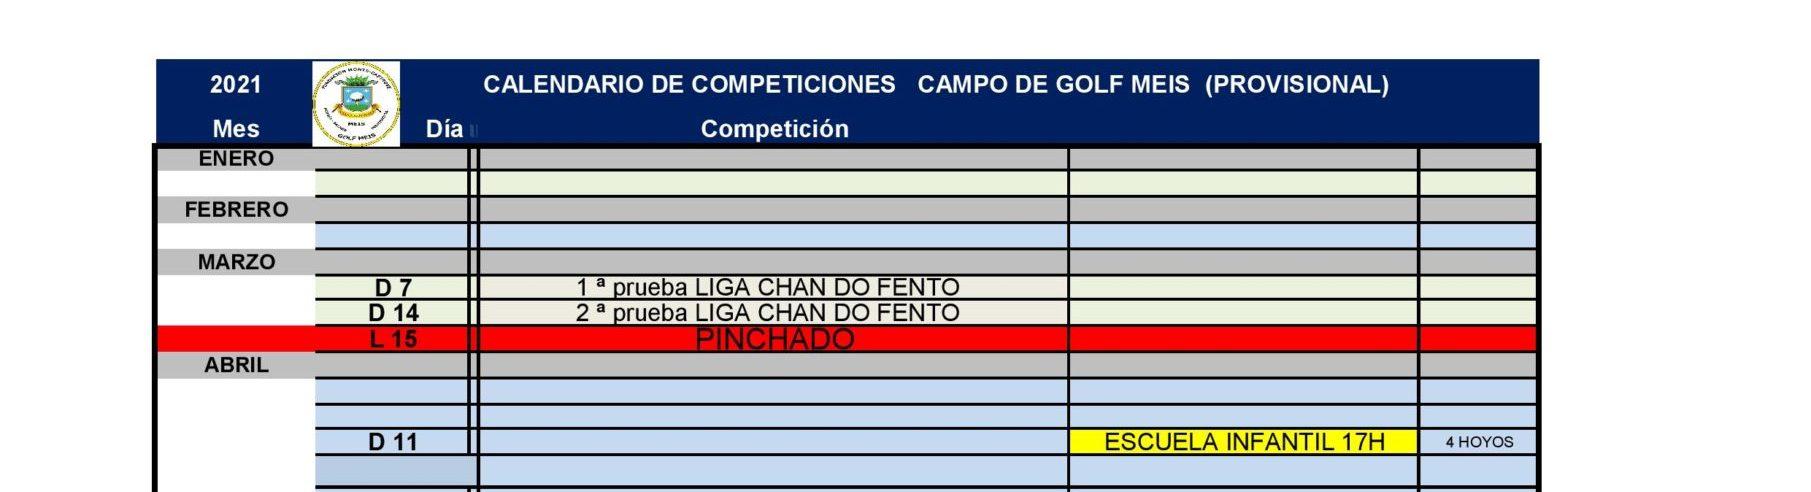 Calendario De Competiciones De 2021 – Campo De Golf De Meis